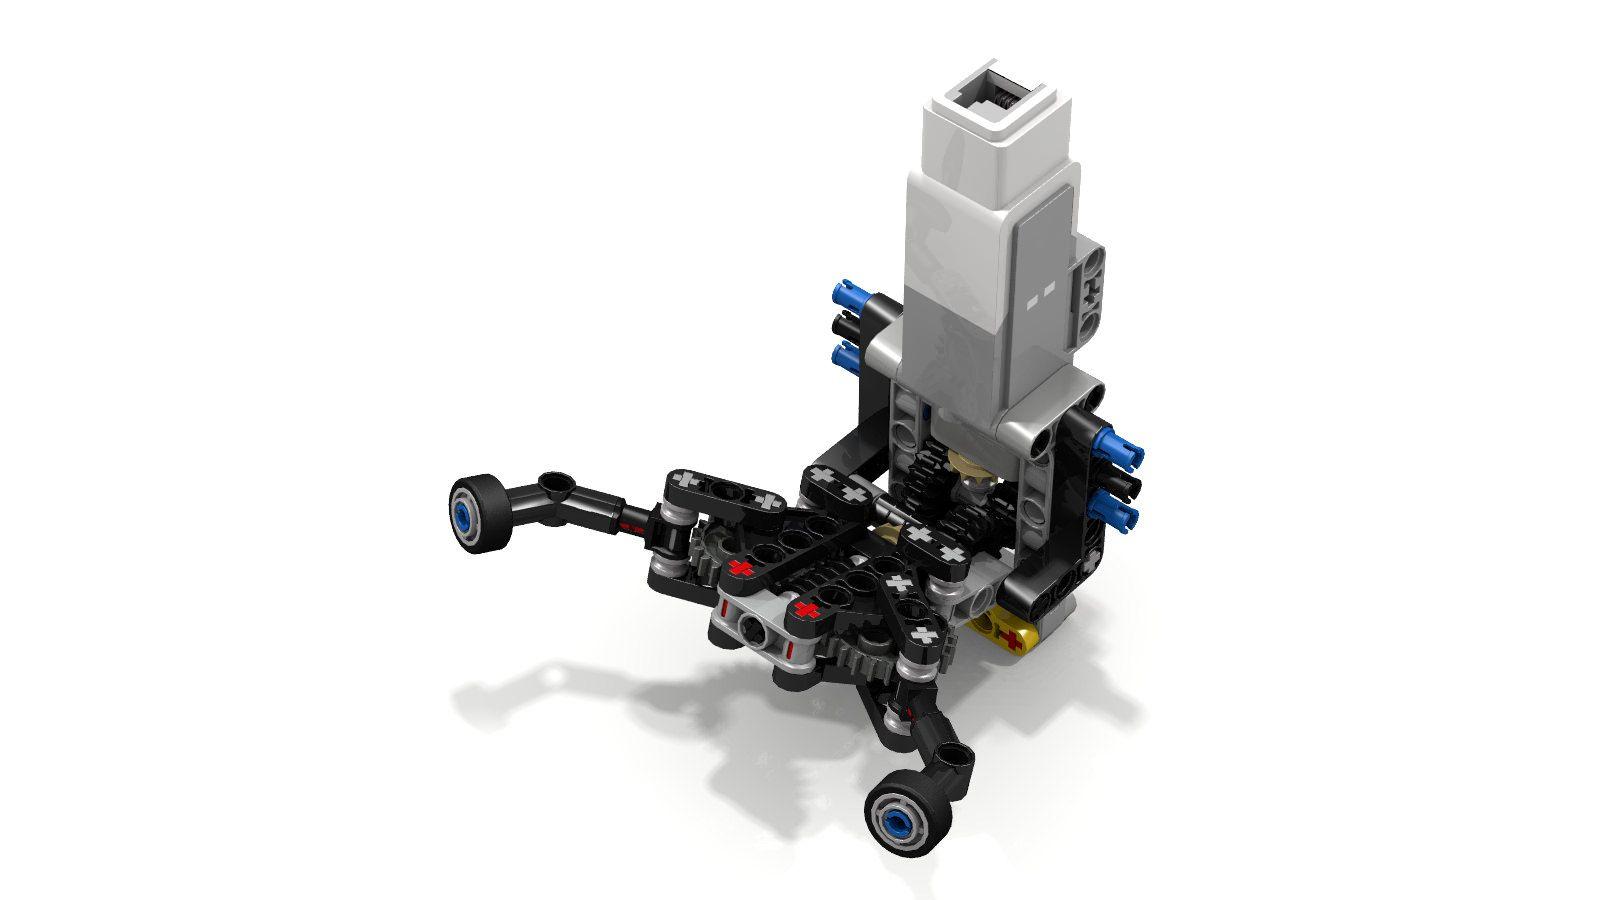 Lego FAR Gripper Arm Tool by Orlando_2k | ev3